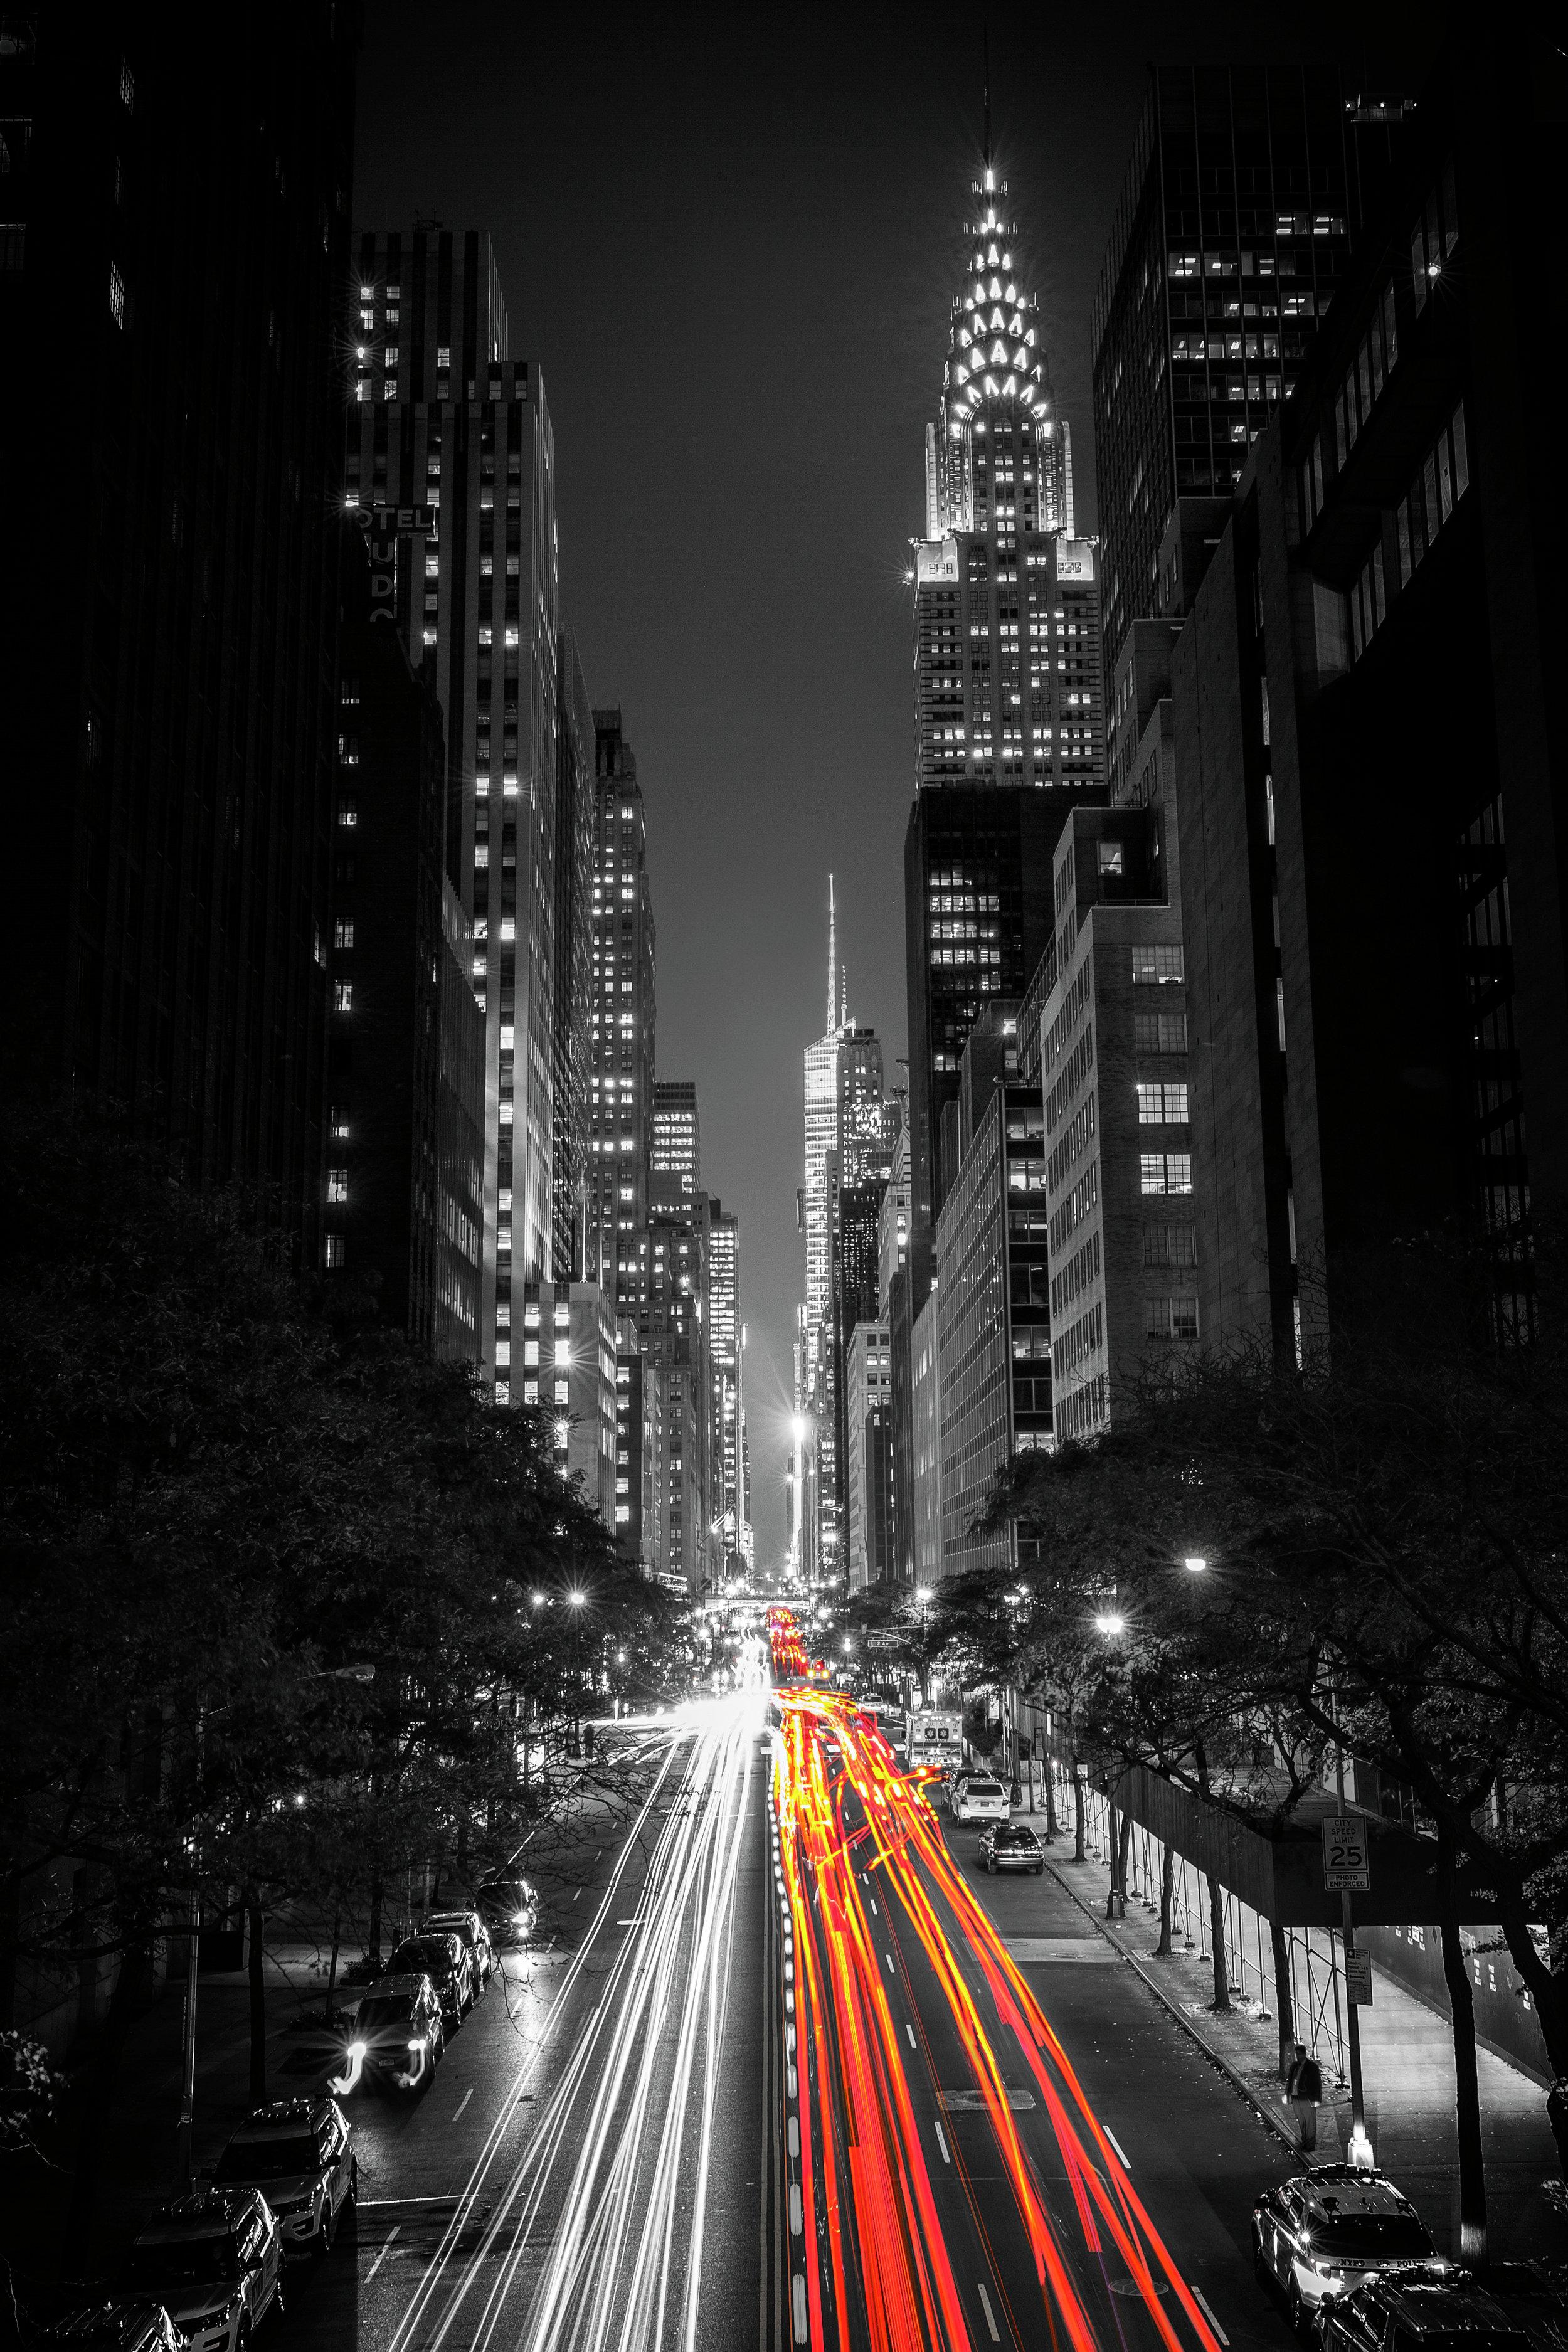 42nd street, New York City, NY